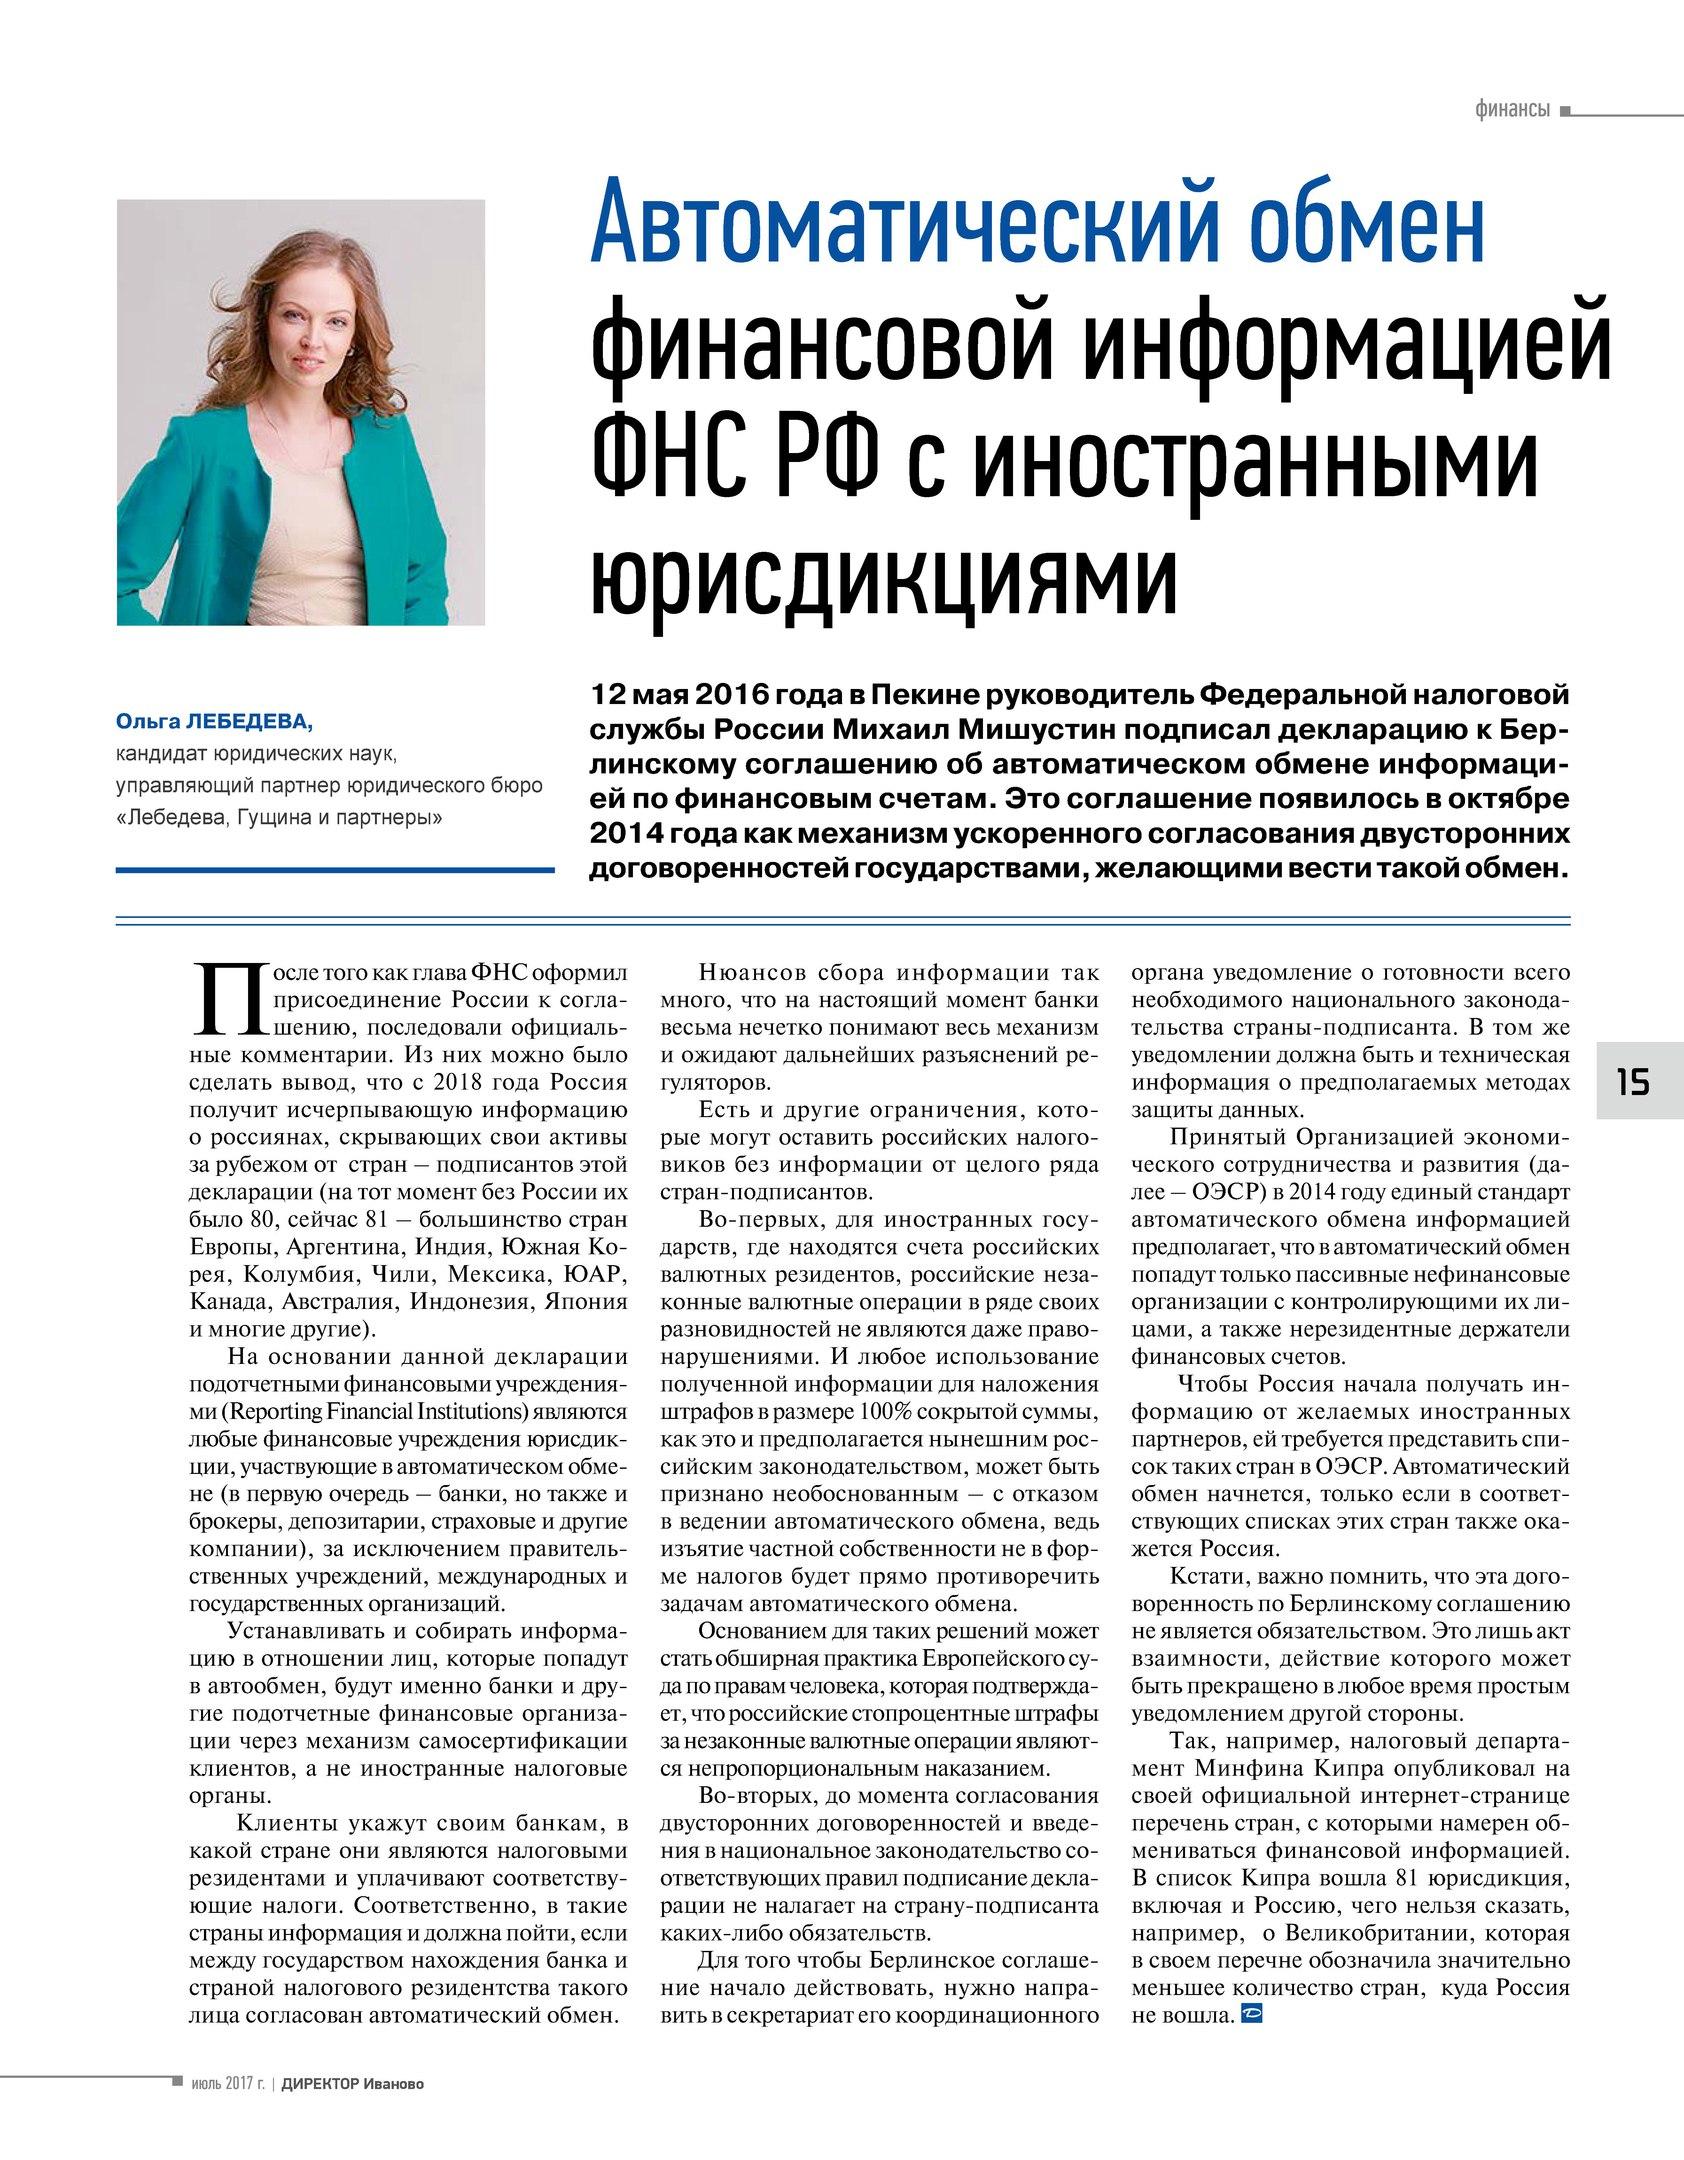 Ольга Лебедева в журнале